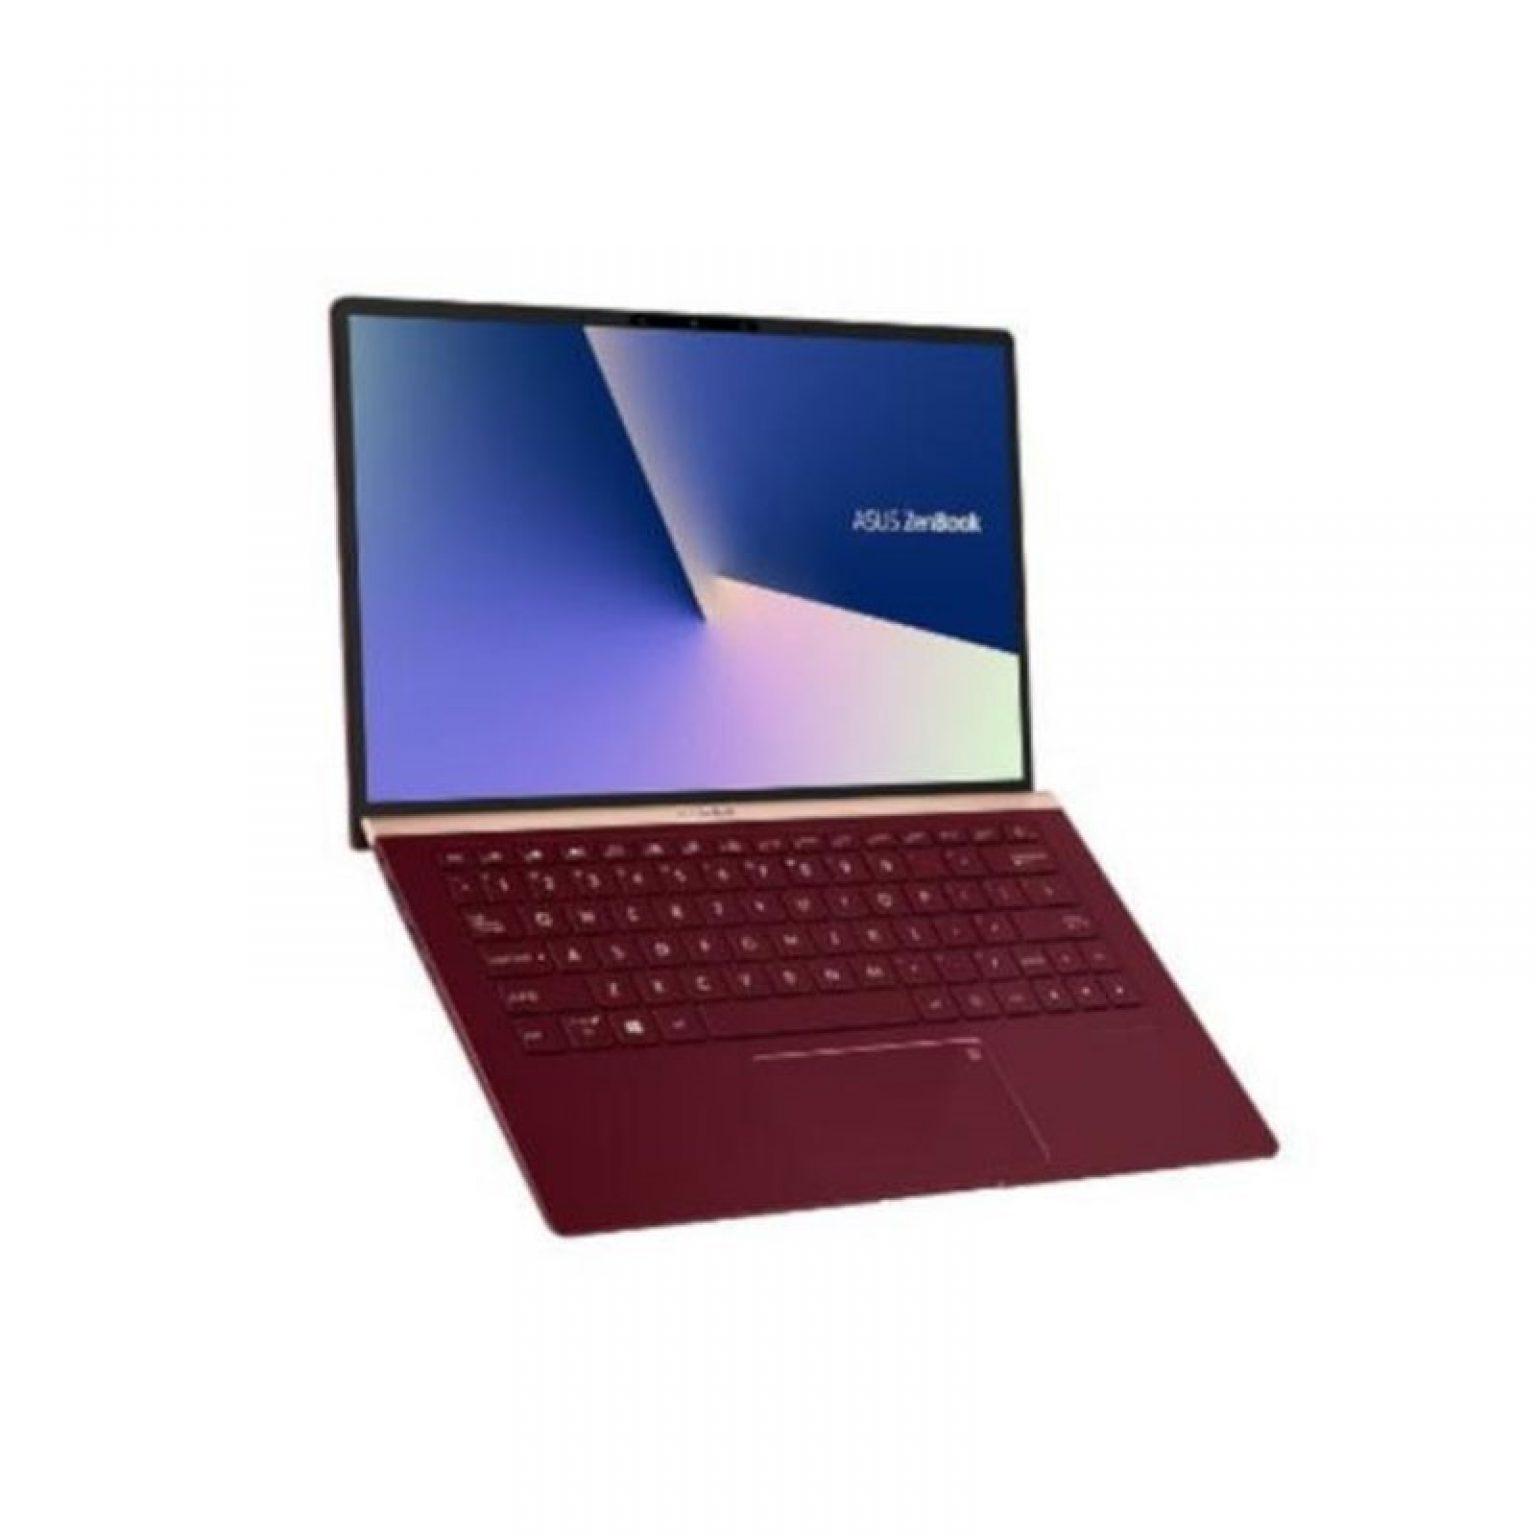 ASUS - ZenBook UX333FA-A5813T (i5-8265U/8GB RAM/512GB SSD/Win10SL/Burgundy Red)